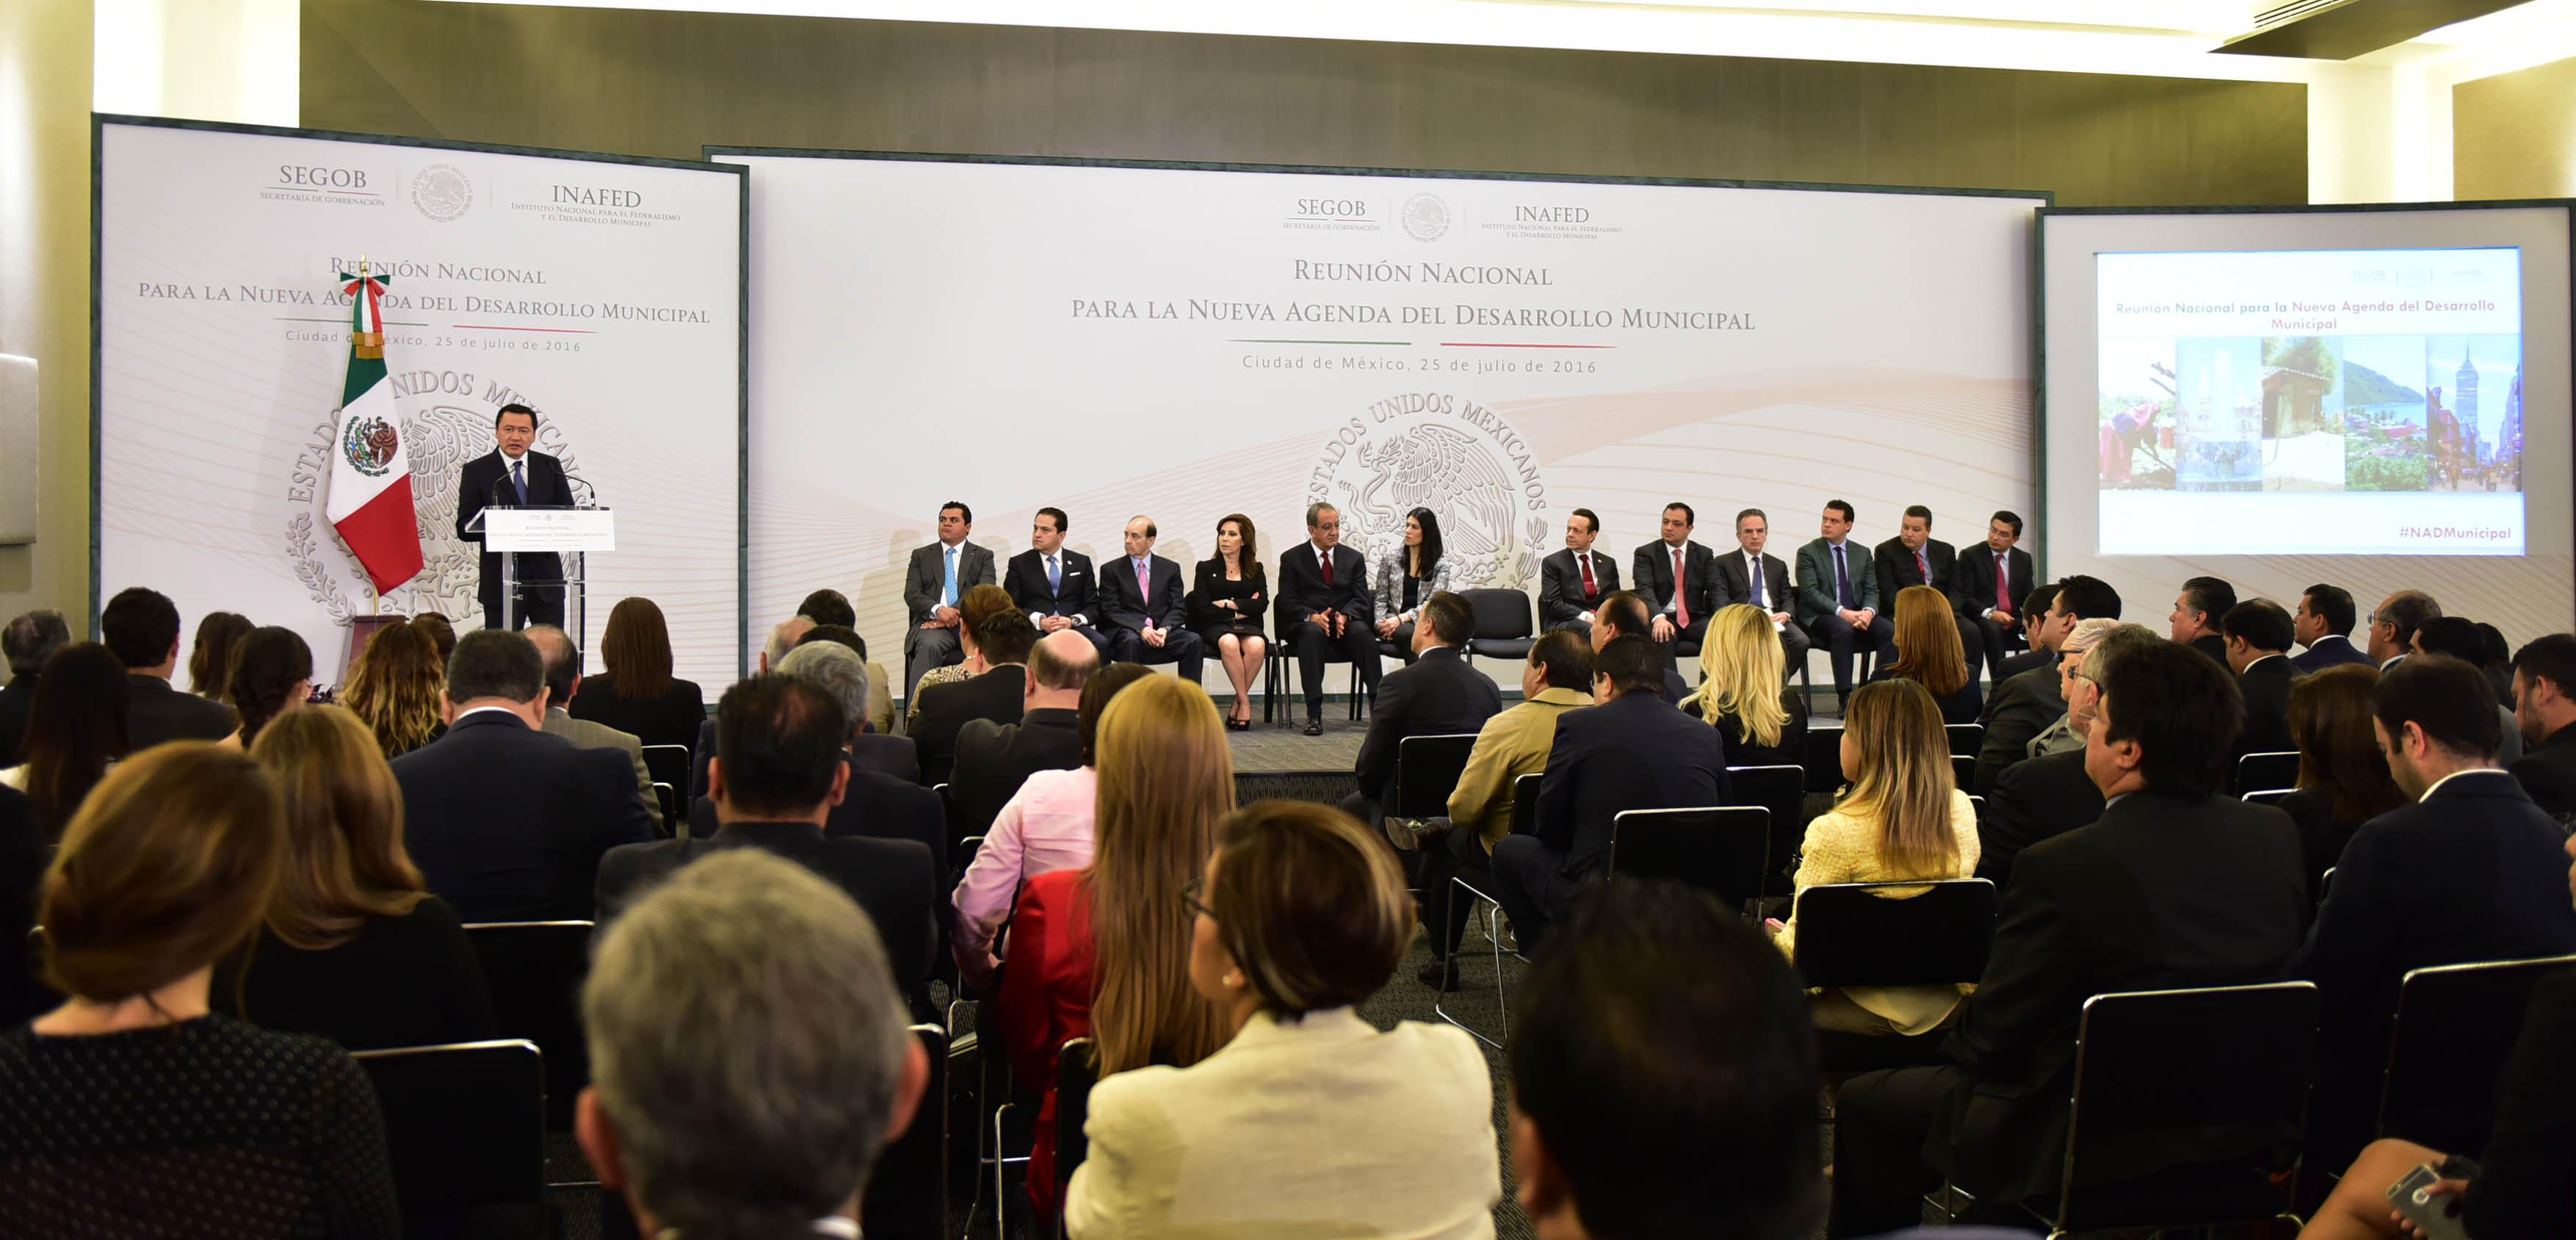 Reunión Nacional para la Nueva Agenda del Desarrollo Municipal